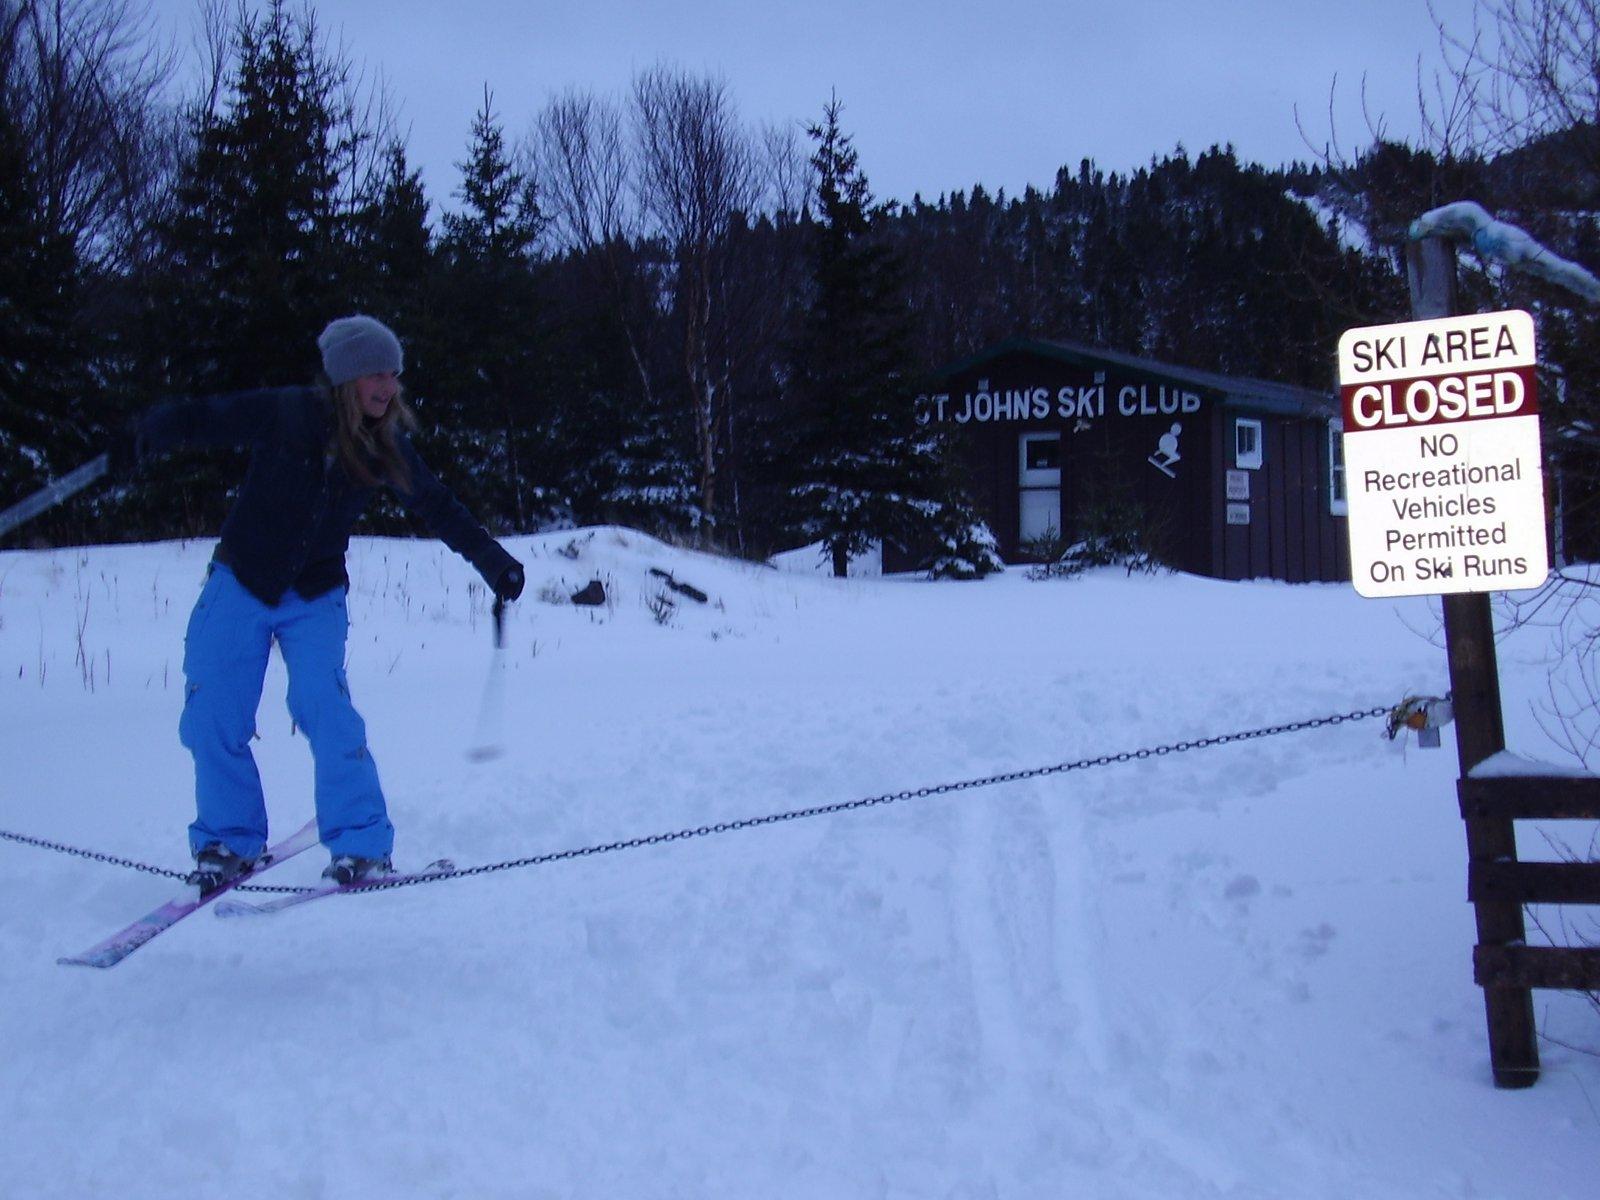 Ski area closed? Jib the gate